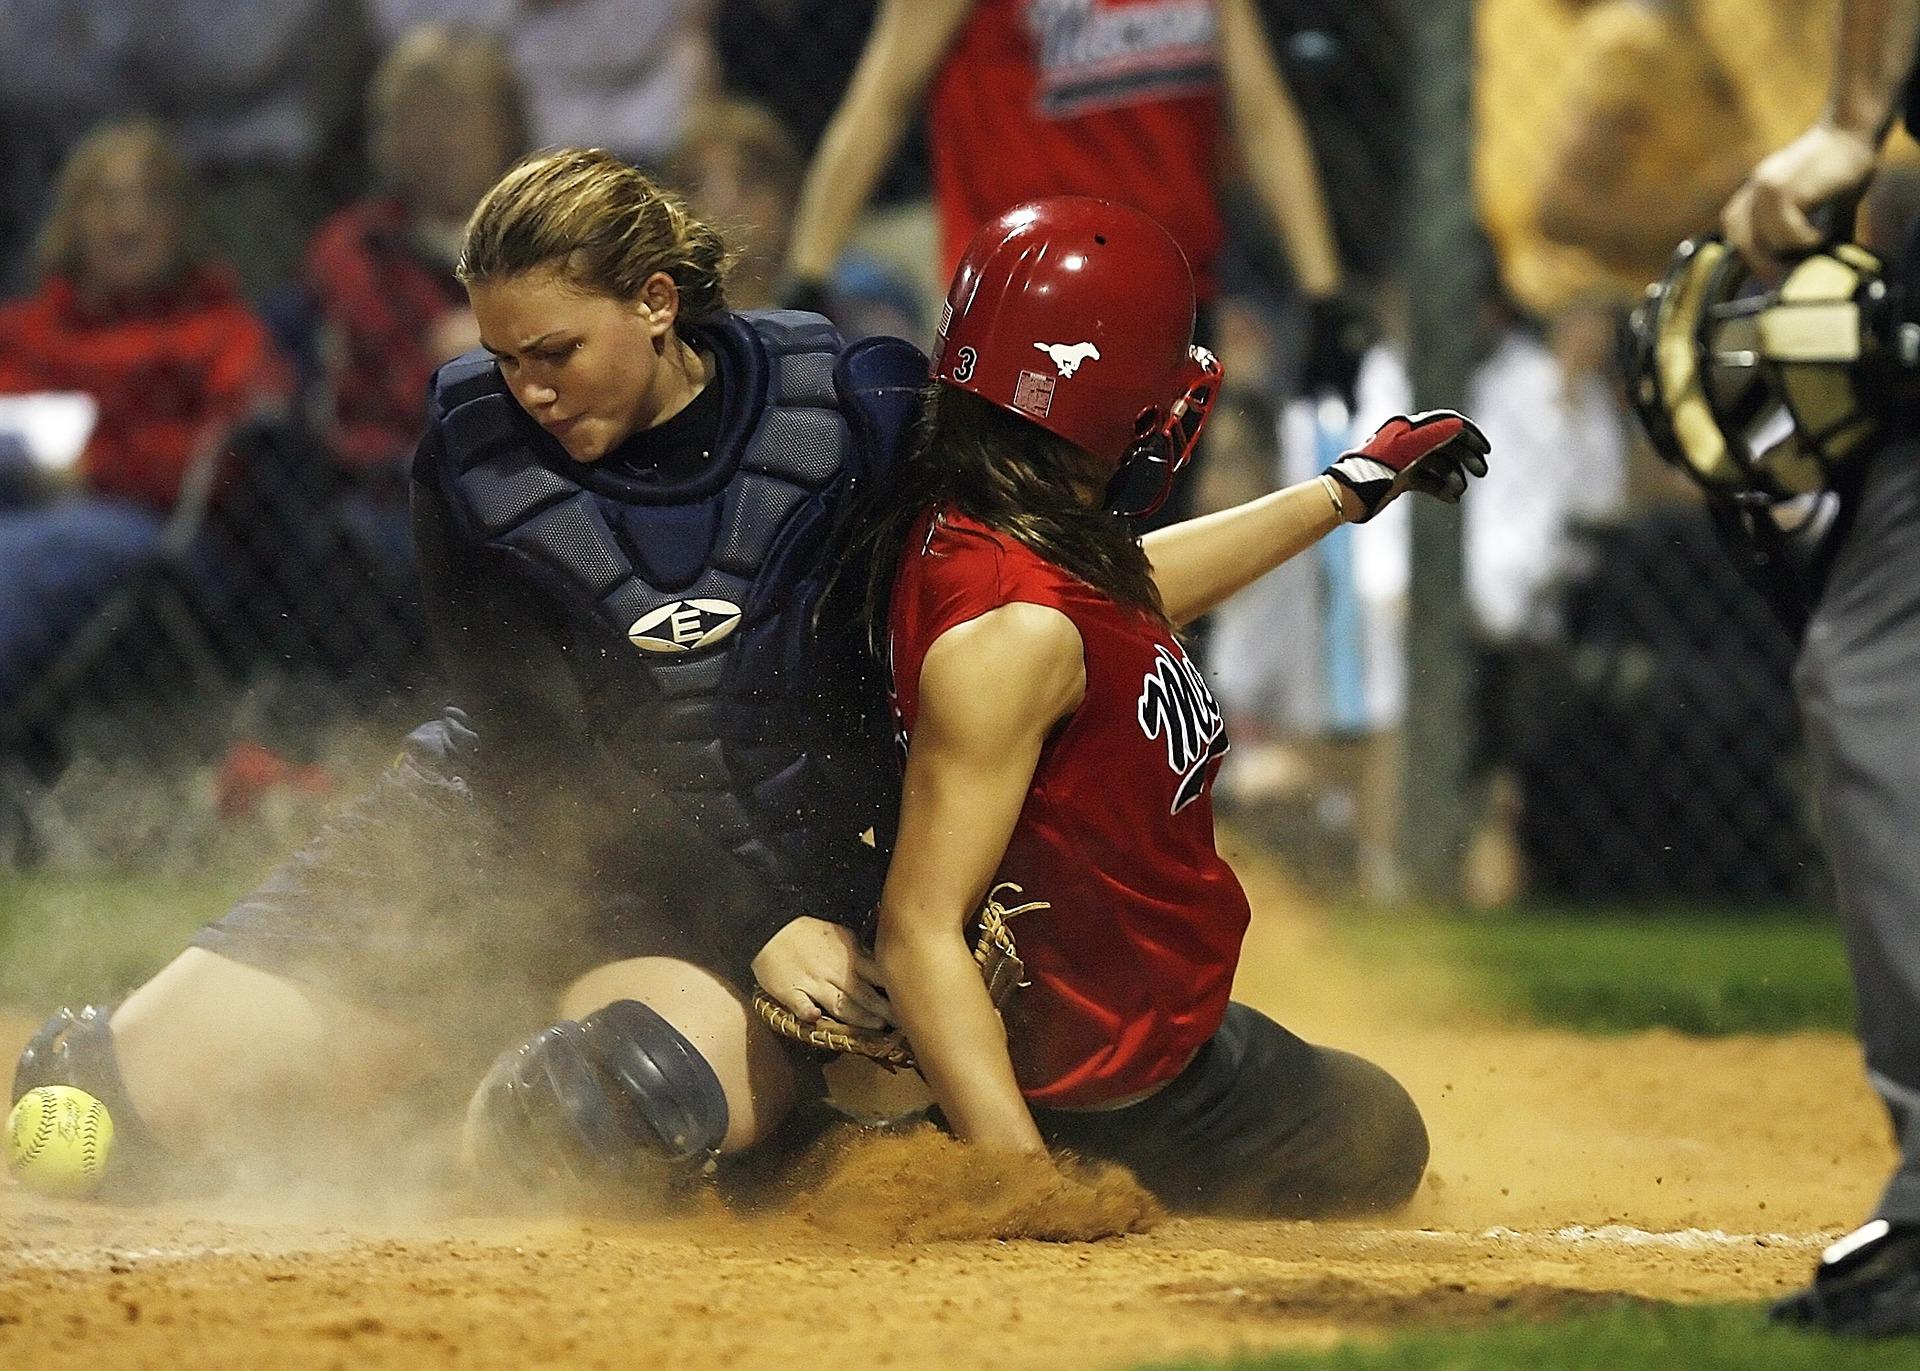 5 benefícios para a saúde ao jogar softball